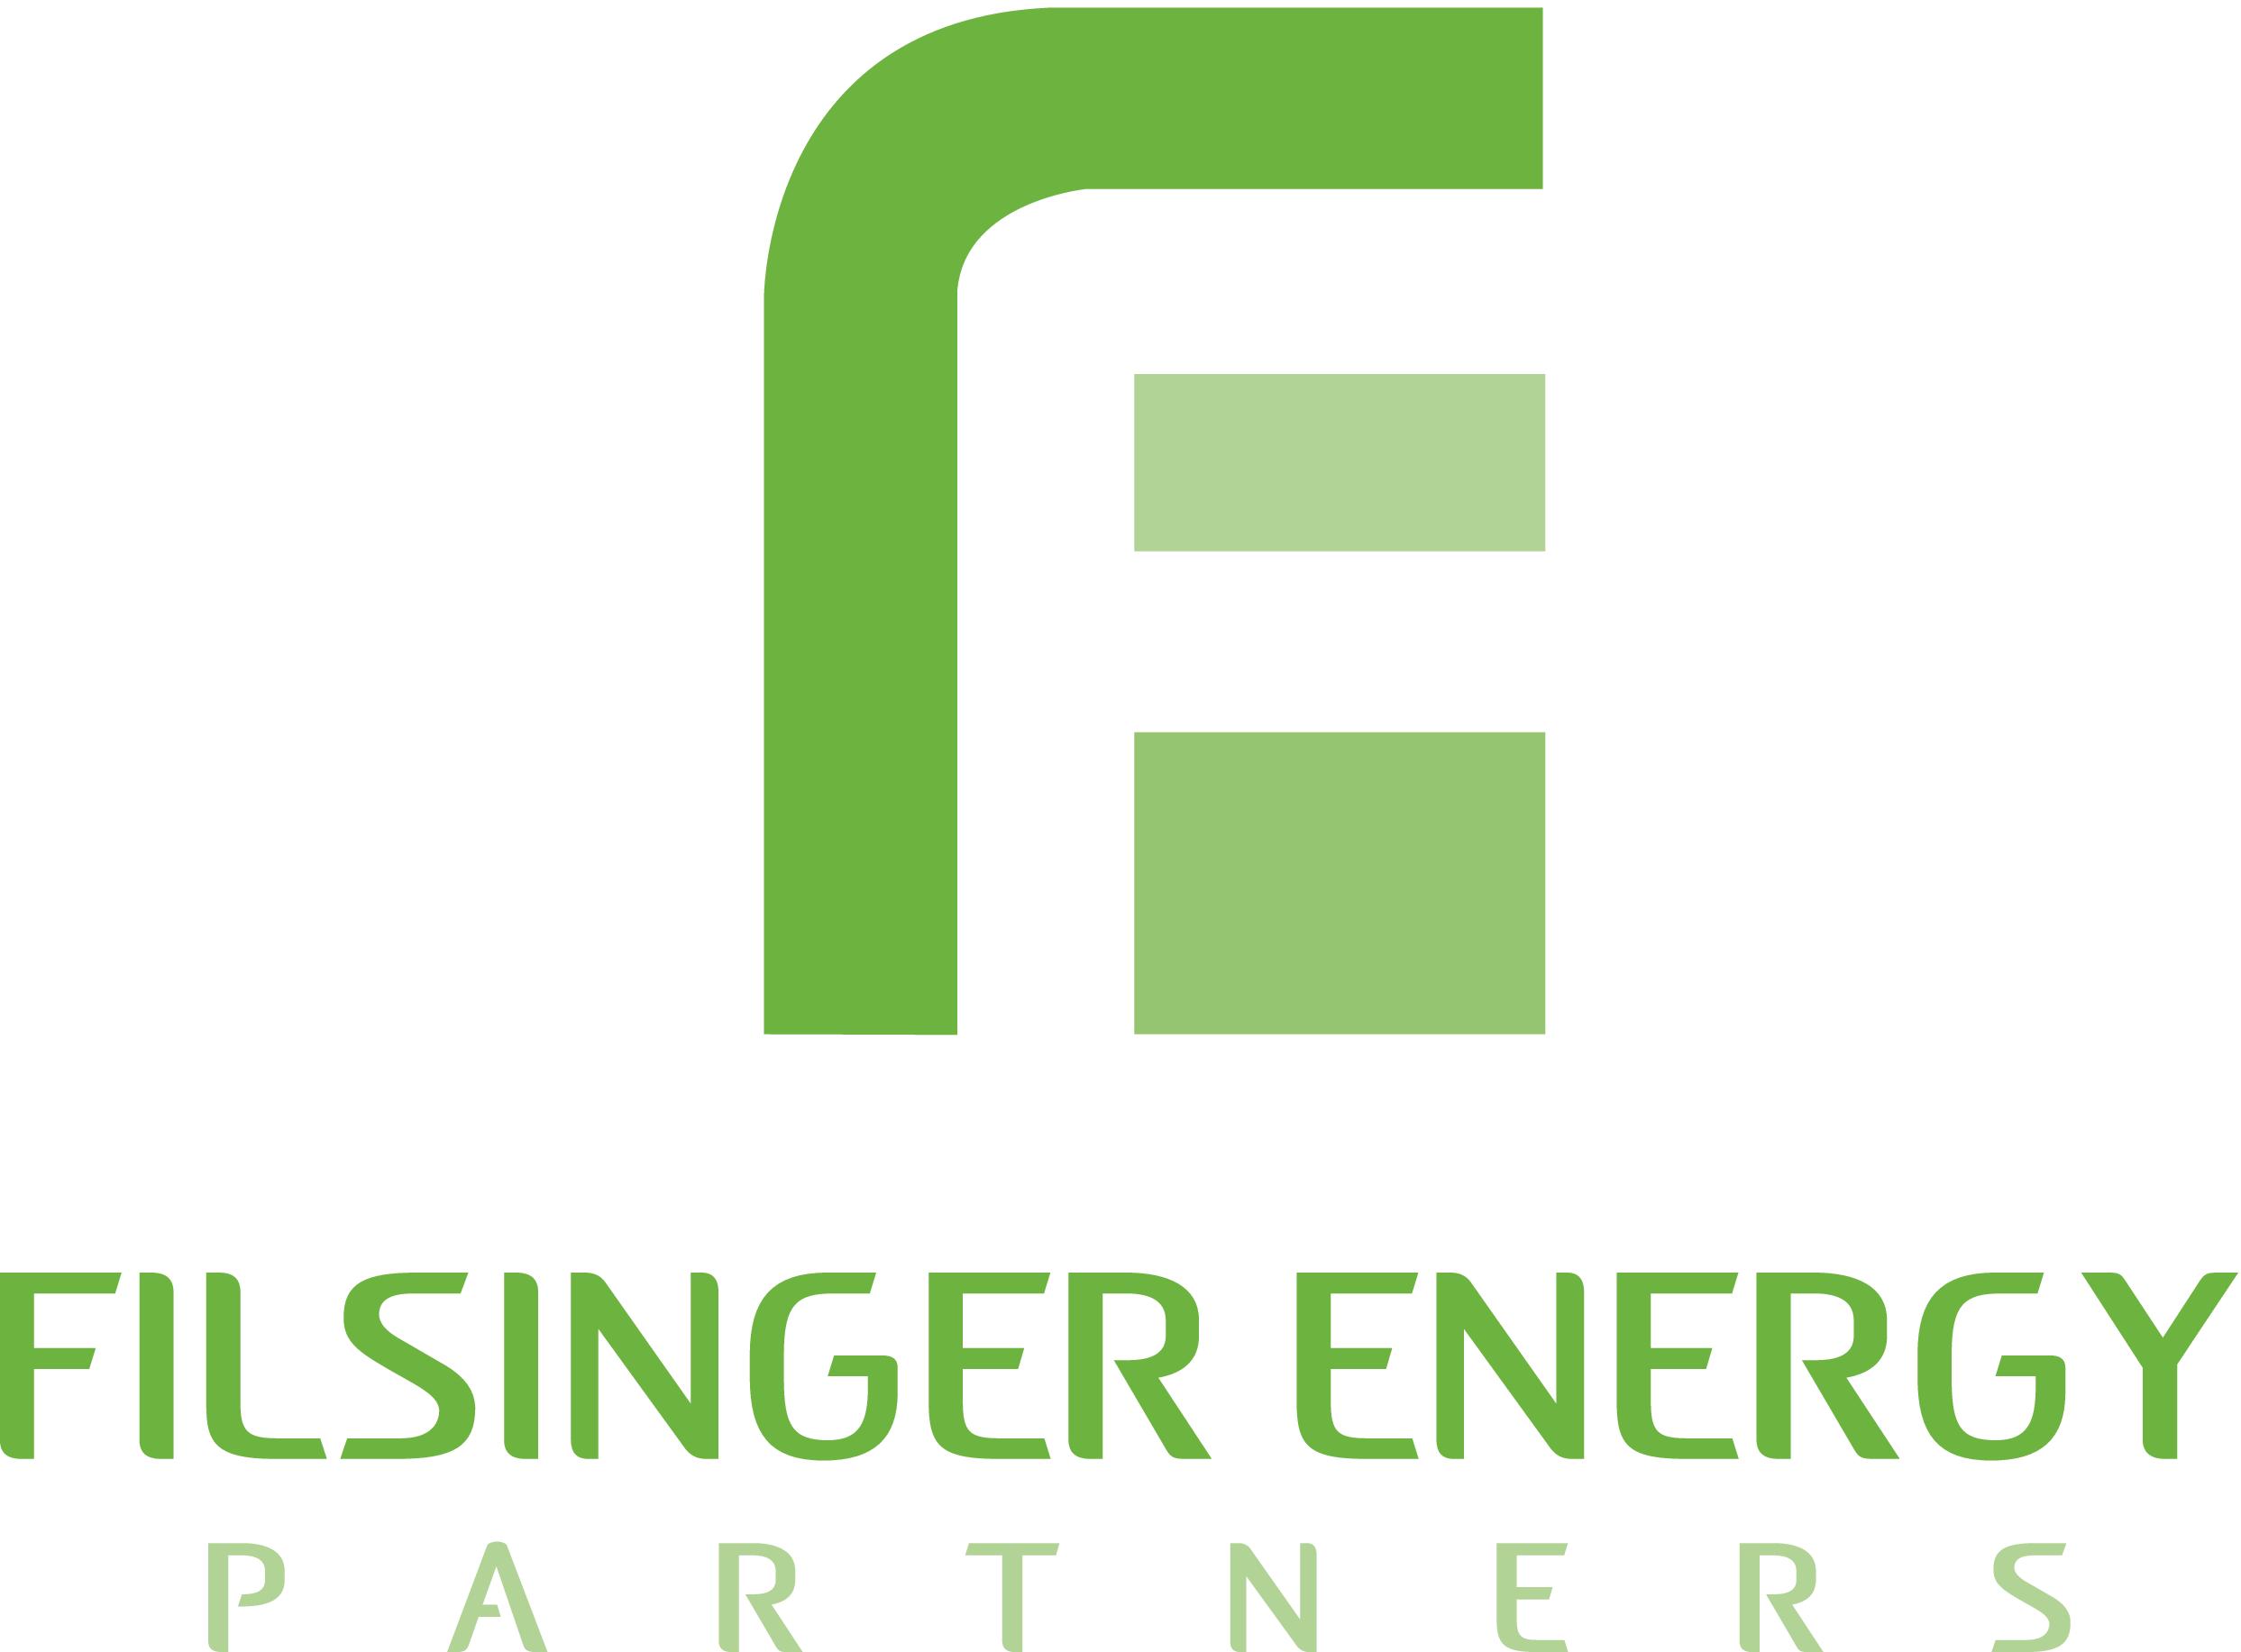 Filsinger Energy Partners's Logo